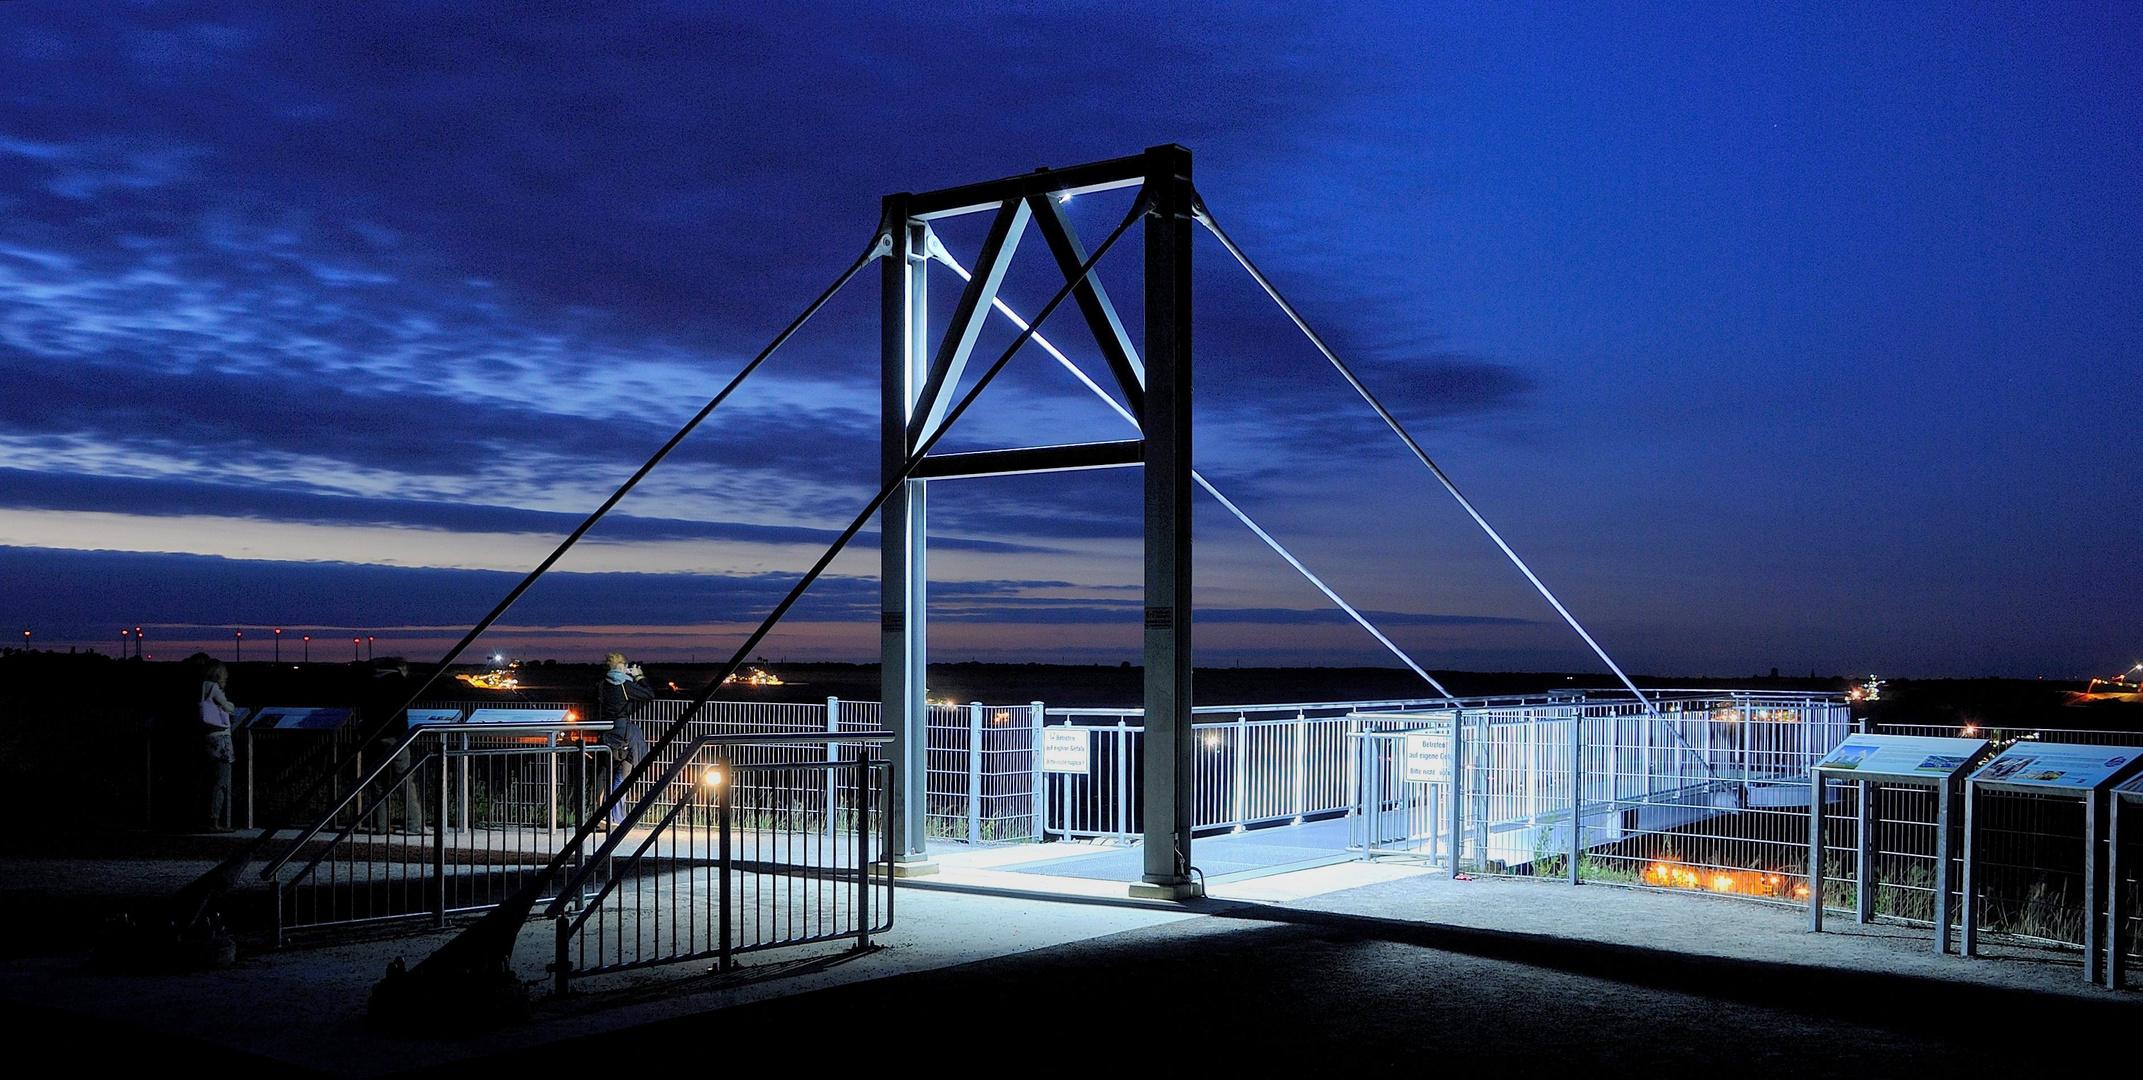 Neue Aussichtsplatform ( Skywalk ) des Tagebaus Garzweiler